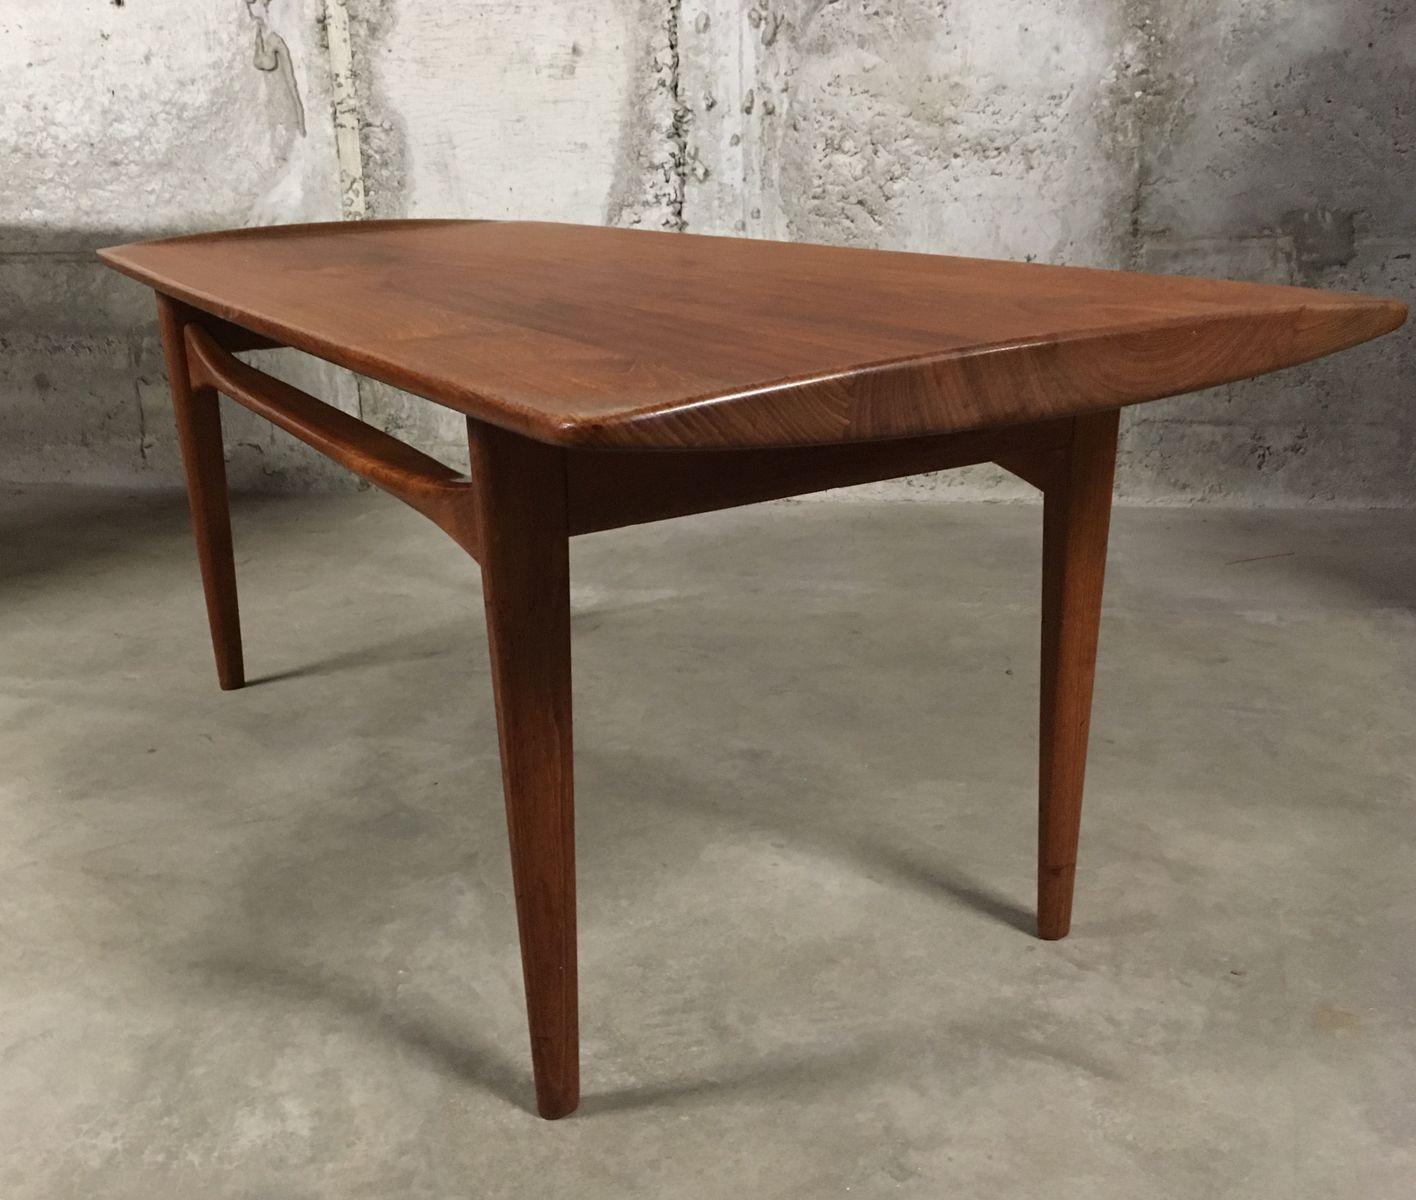 Danish Mid Century Teak Coffee Table 1 Small: Mid-Century Danish Teak Coffee Table By Tove & Edvard